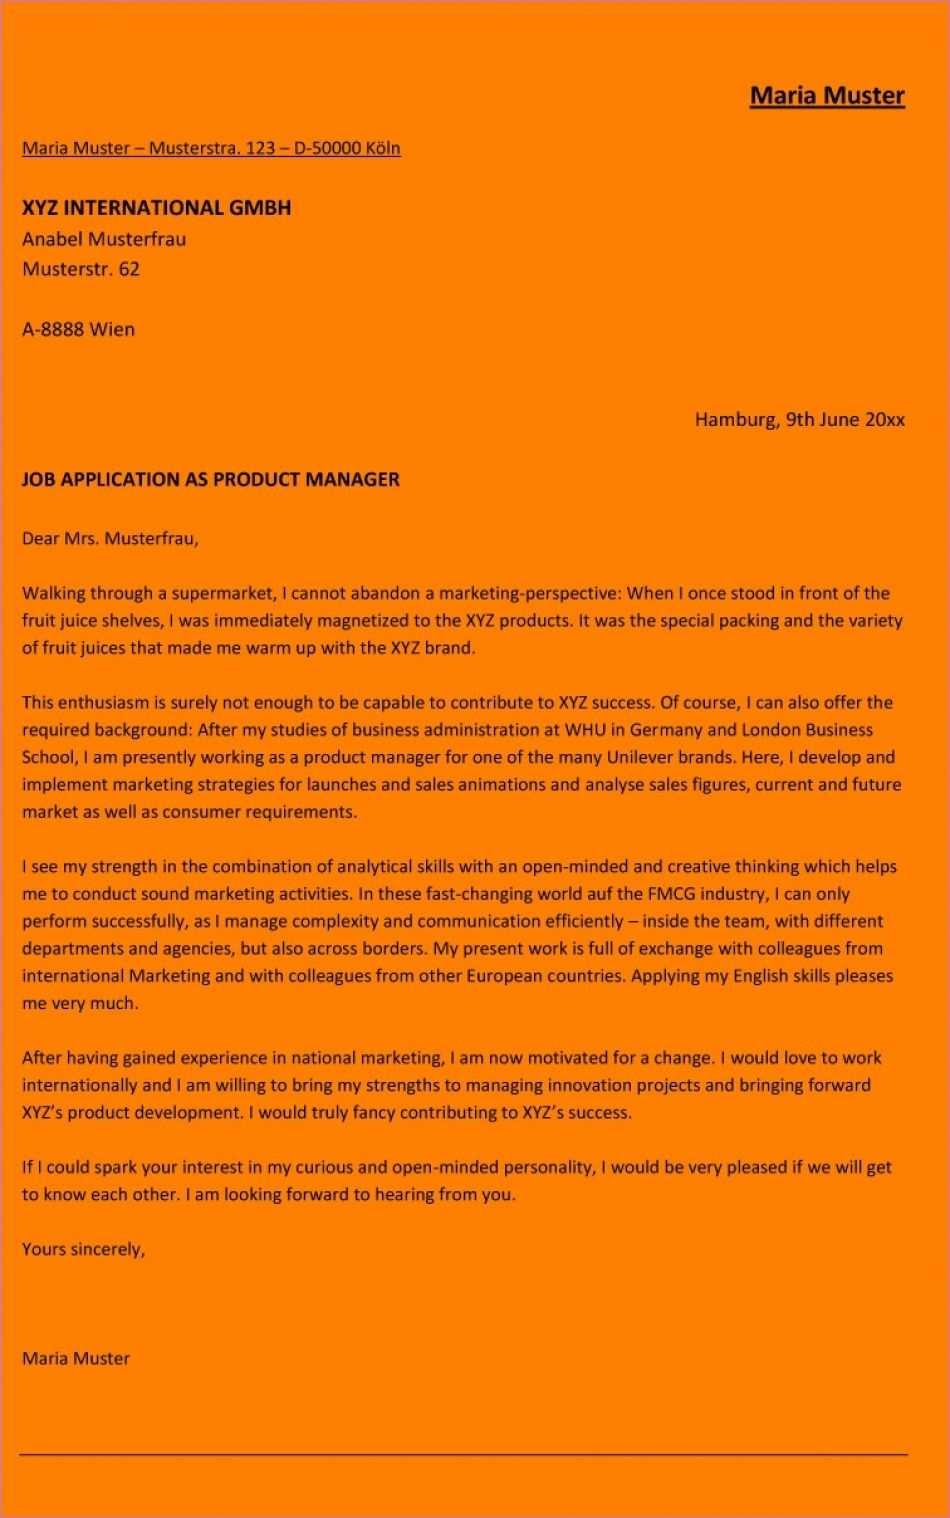 Qualifiziert Bewerbung Schreiben Muster Azubiyo Muster Bewerbung